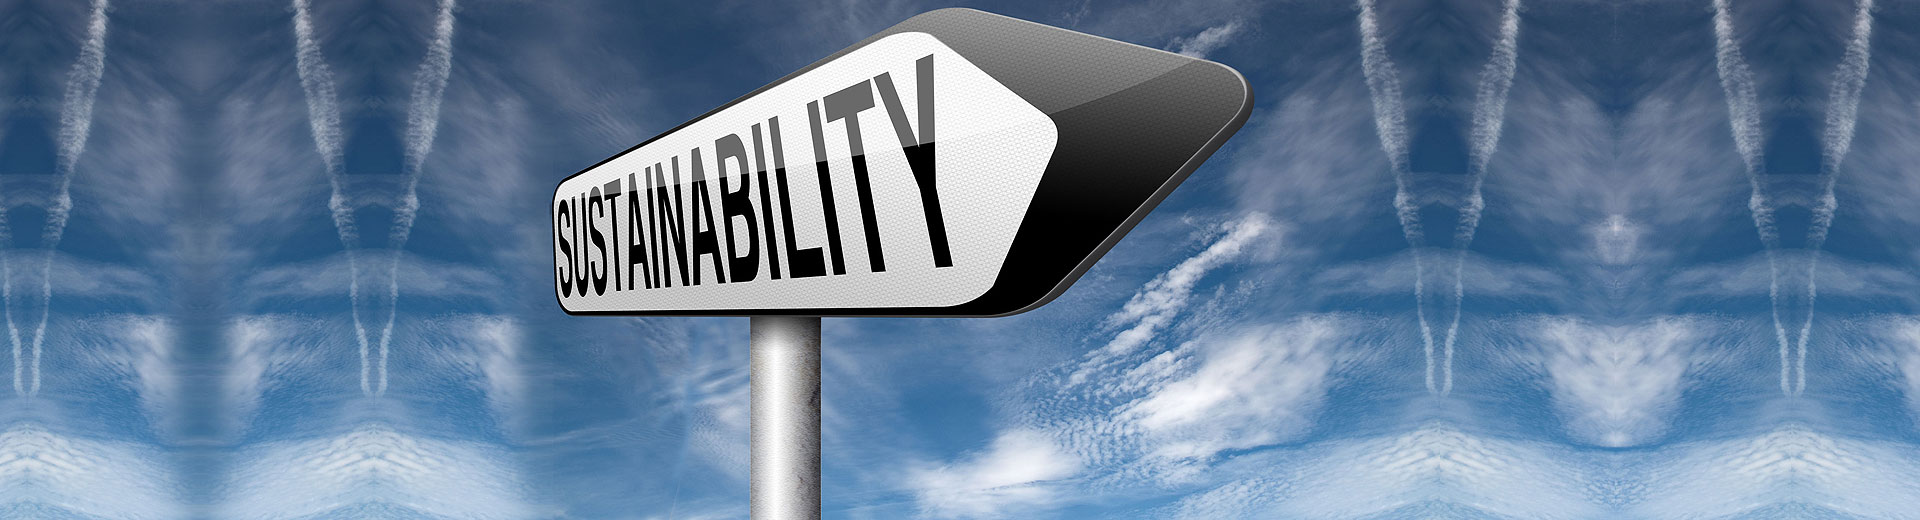 sustanability